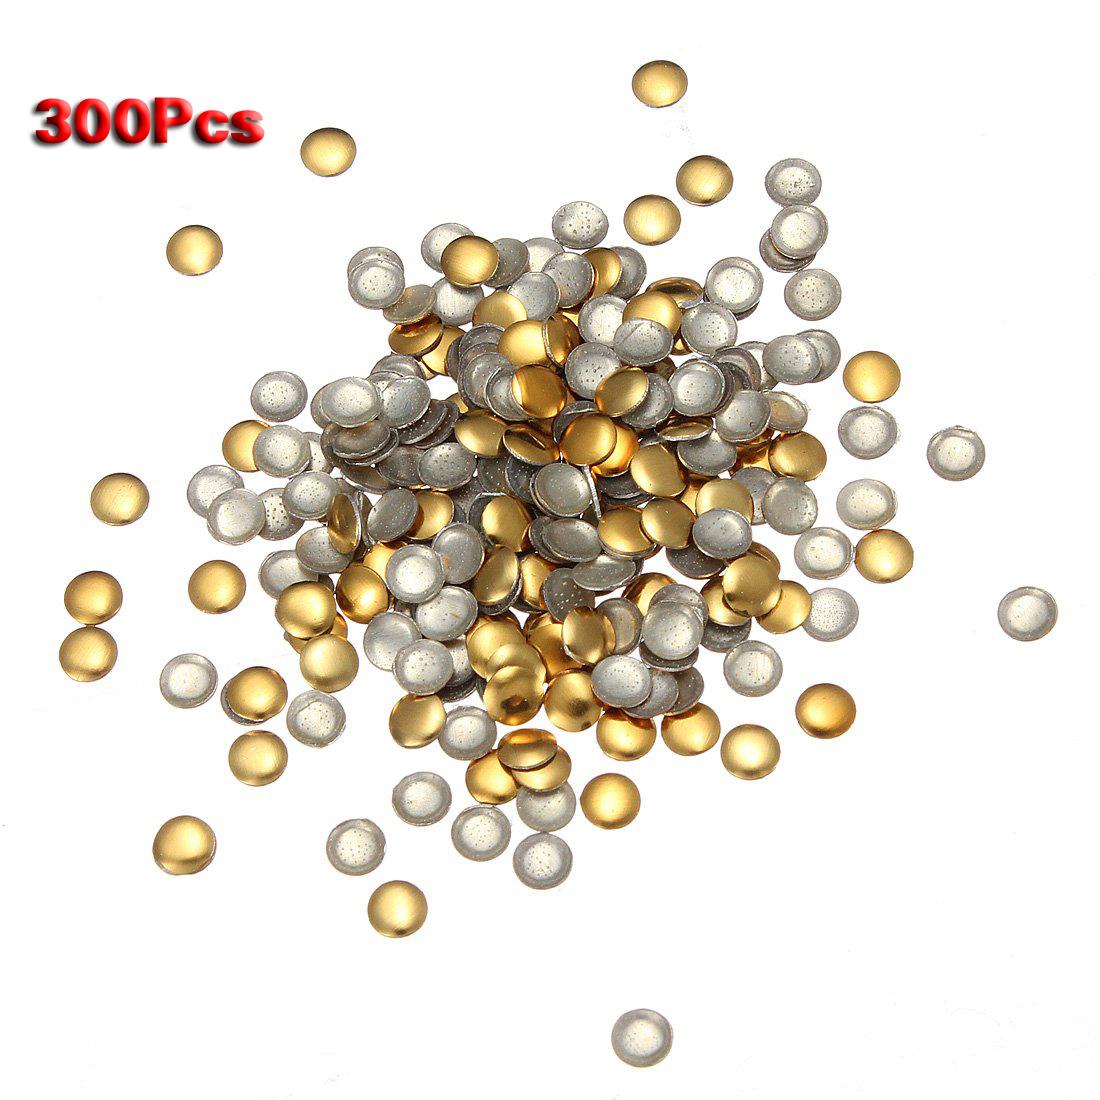 300 X 3d Metalllegierung Nagel-Kunst Spitzen Design DIY Gold+Silber Rund O5J1 4894462089613   EBay